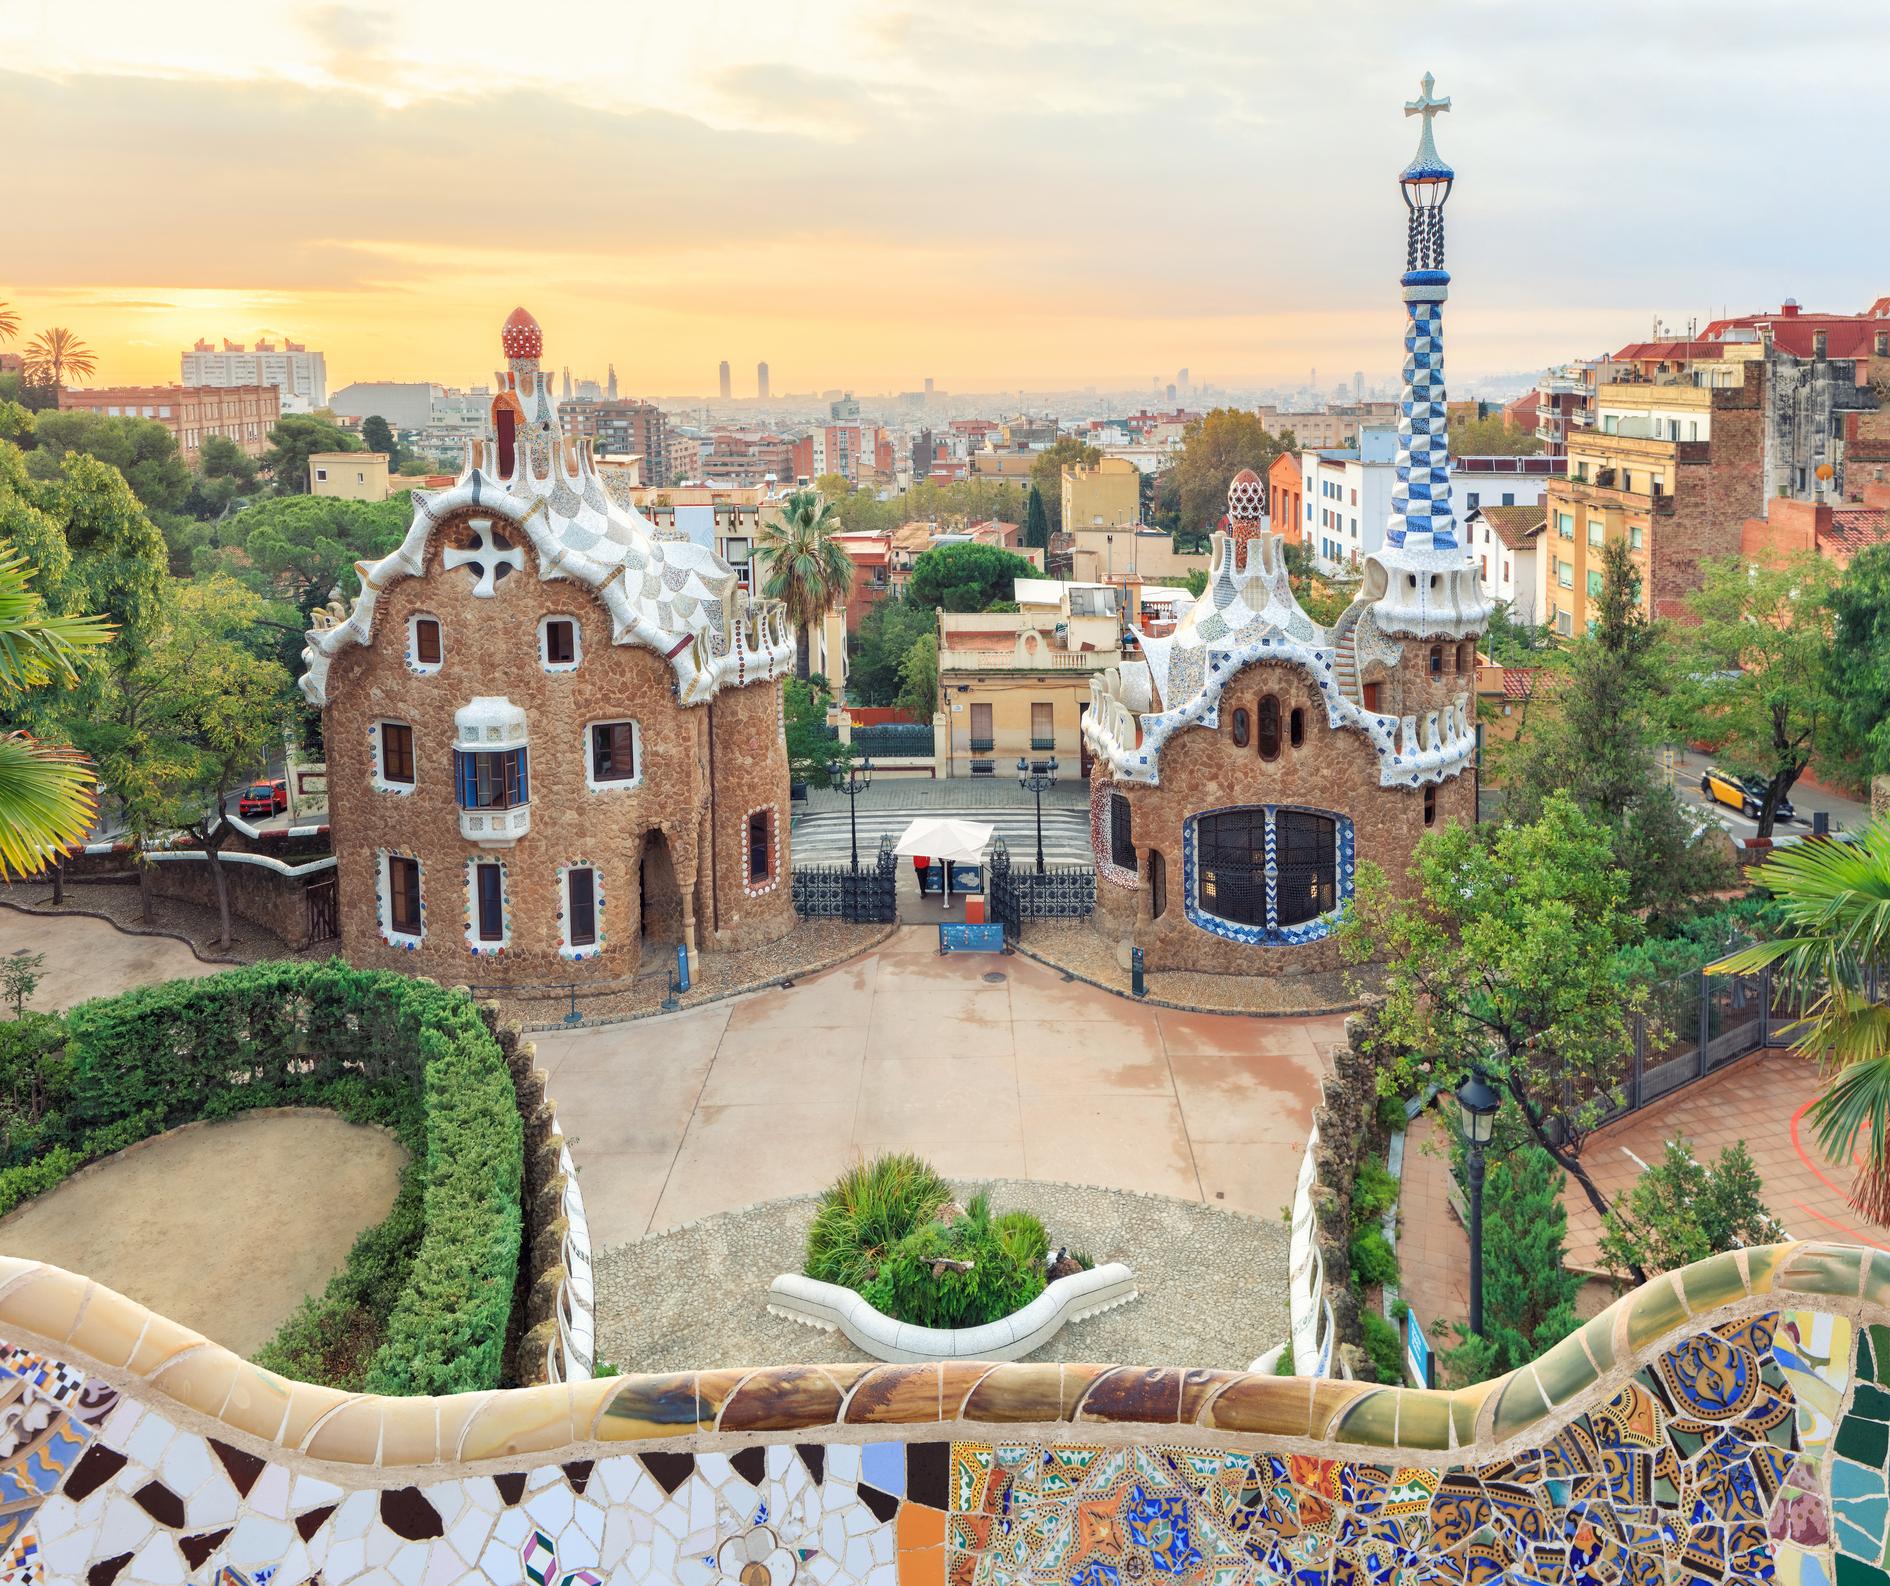 Alquiler habitaciones en gracia barcelona pisos para estudiantes - Pisos para estudiantes en barcelona ...